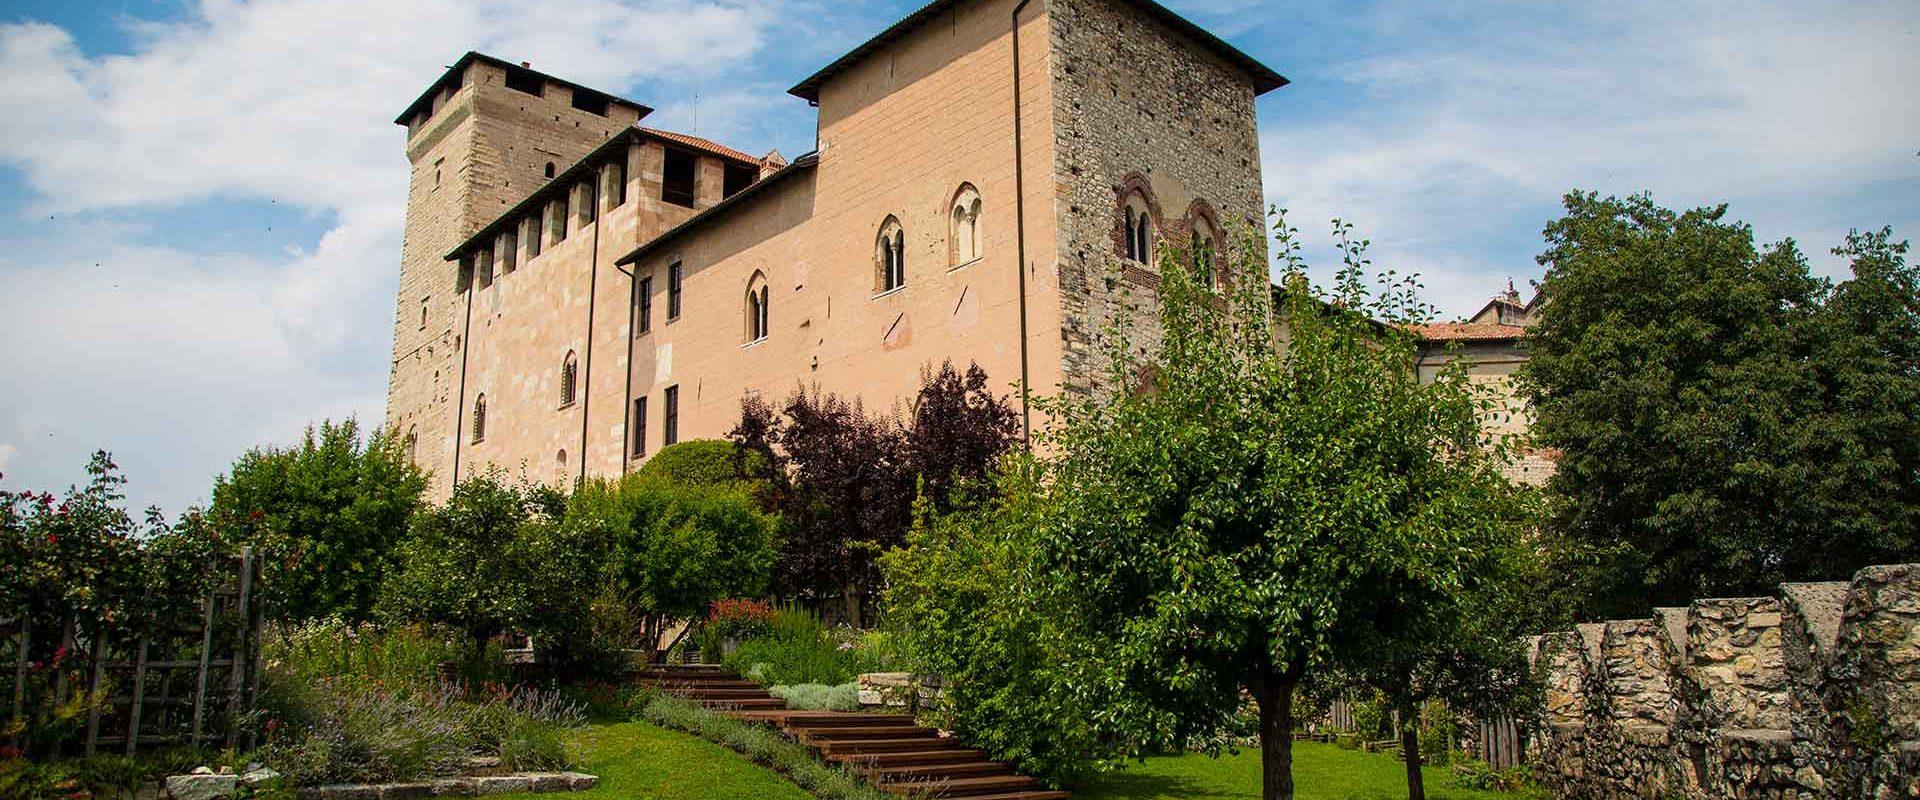 Le jardin médiéval de la Rocca di Angera